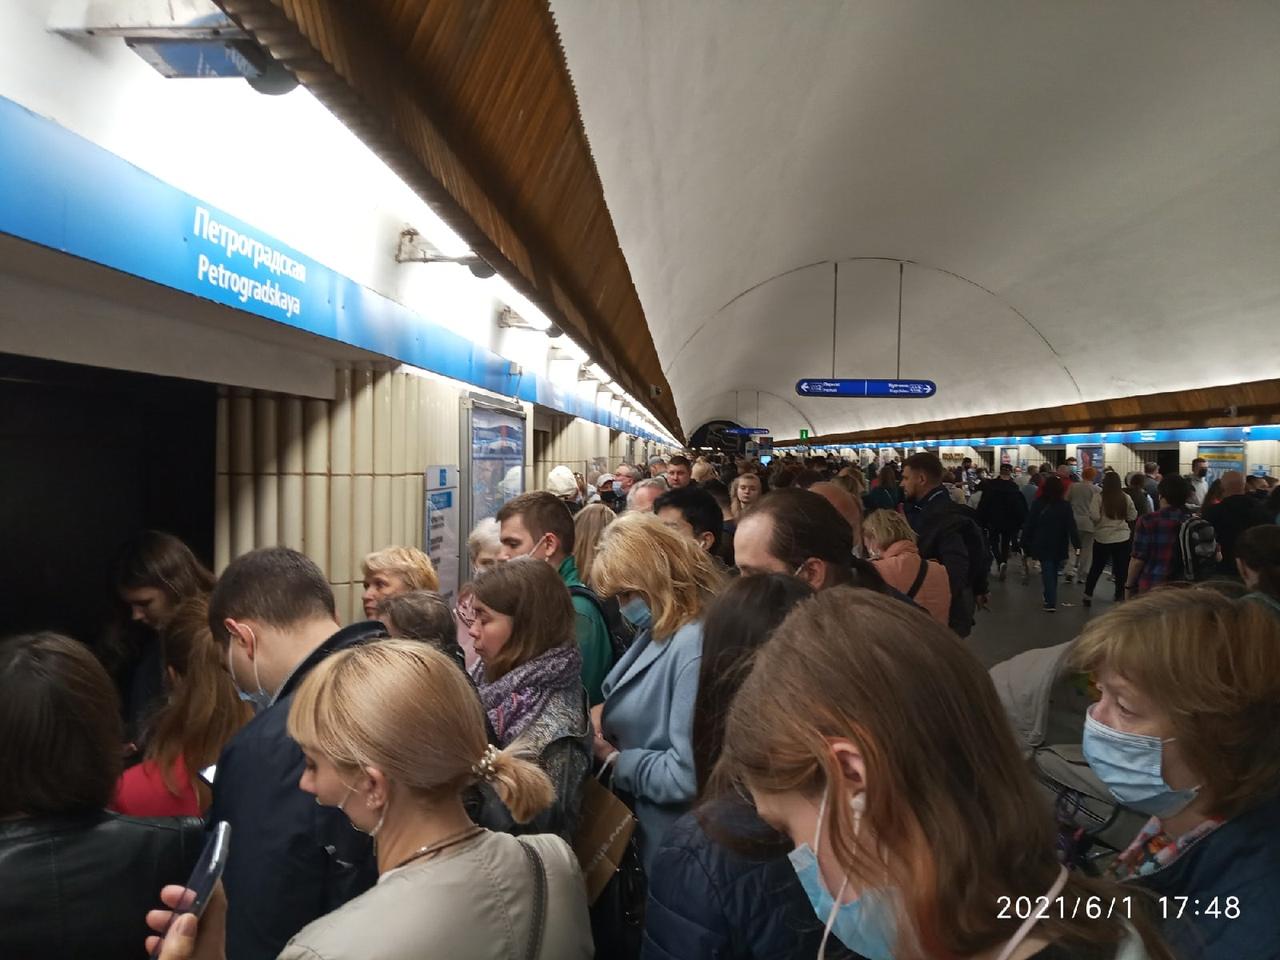 Что-то неладное на участке Петроградская -ПАРНАС, на Петроградке не войти в вагон... Через каждые дв...